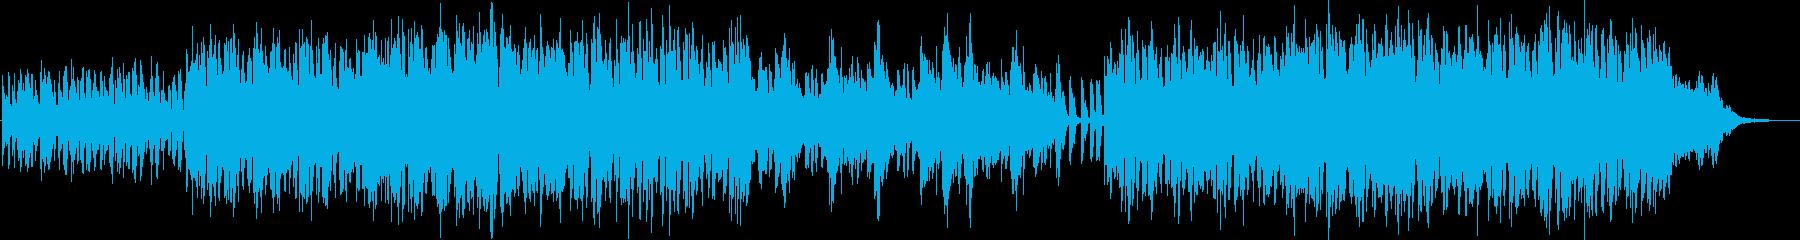 軽快で可愛いらしいBGMの再生済みの波形